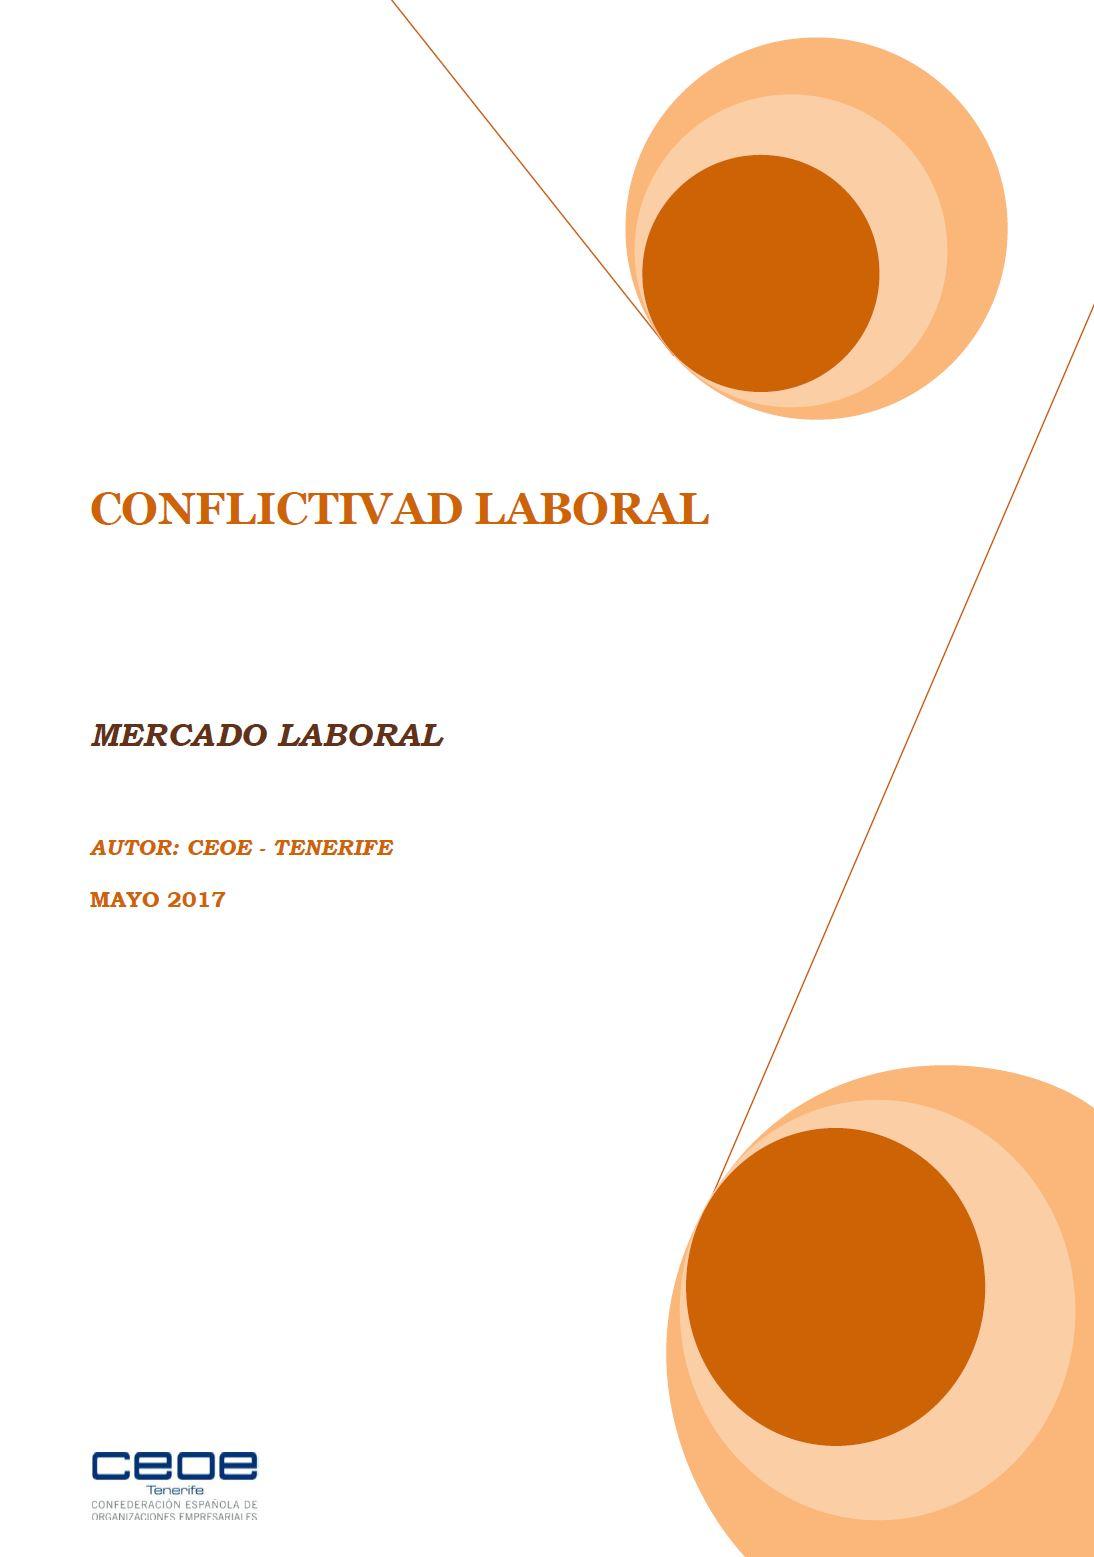 Mayo Conflictividad Laboral